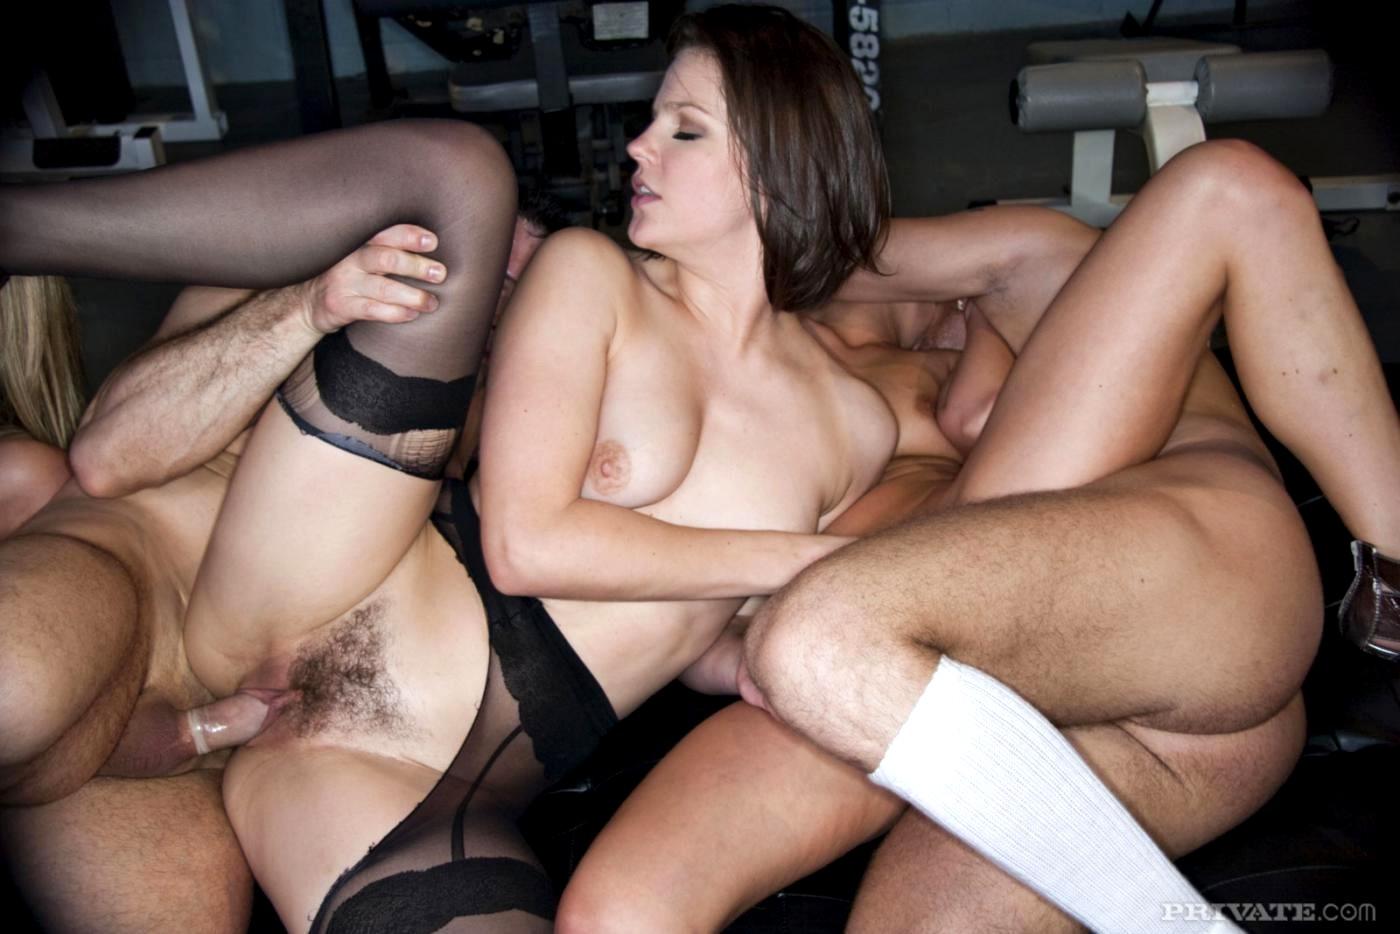 Смотреть порно private из вконтакте, Видеозаписи Мир Домашнего ПорноВКонтакте 24 фотография